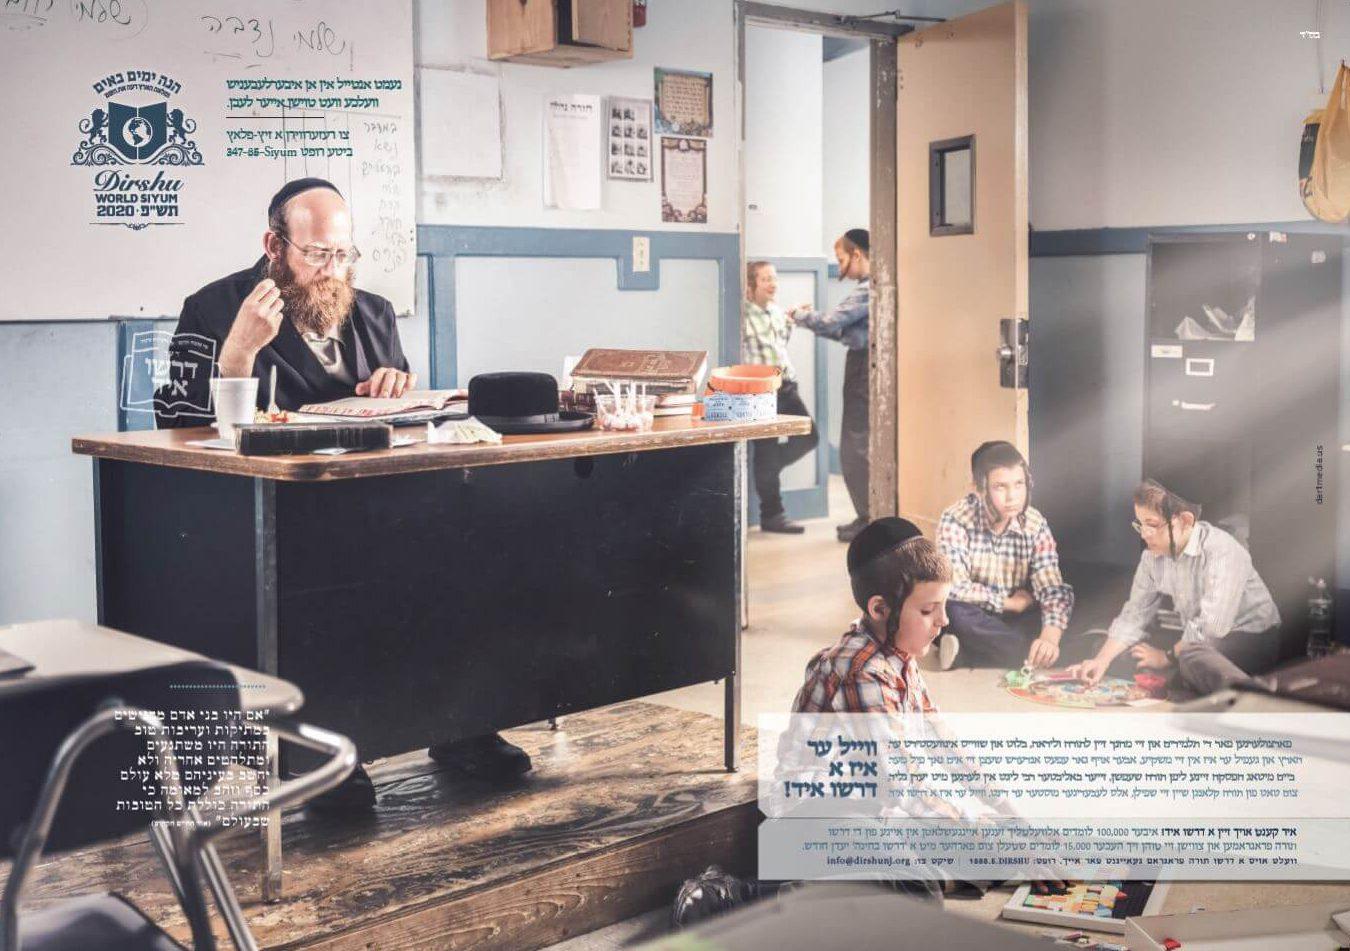 """מיוחד לגולשי פאשקעוויל: הקמפיין המבריק שמרגש את יהדות ארה""""ב ואירופה 2"""